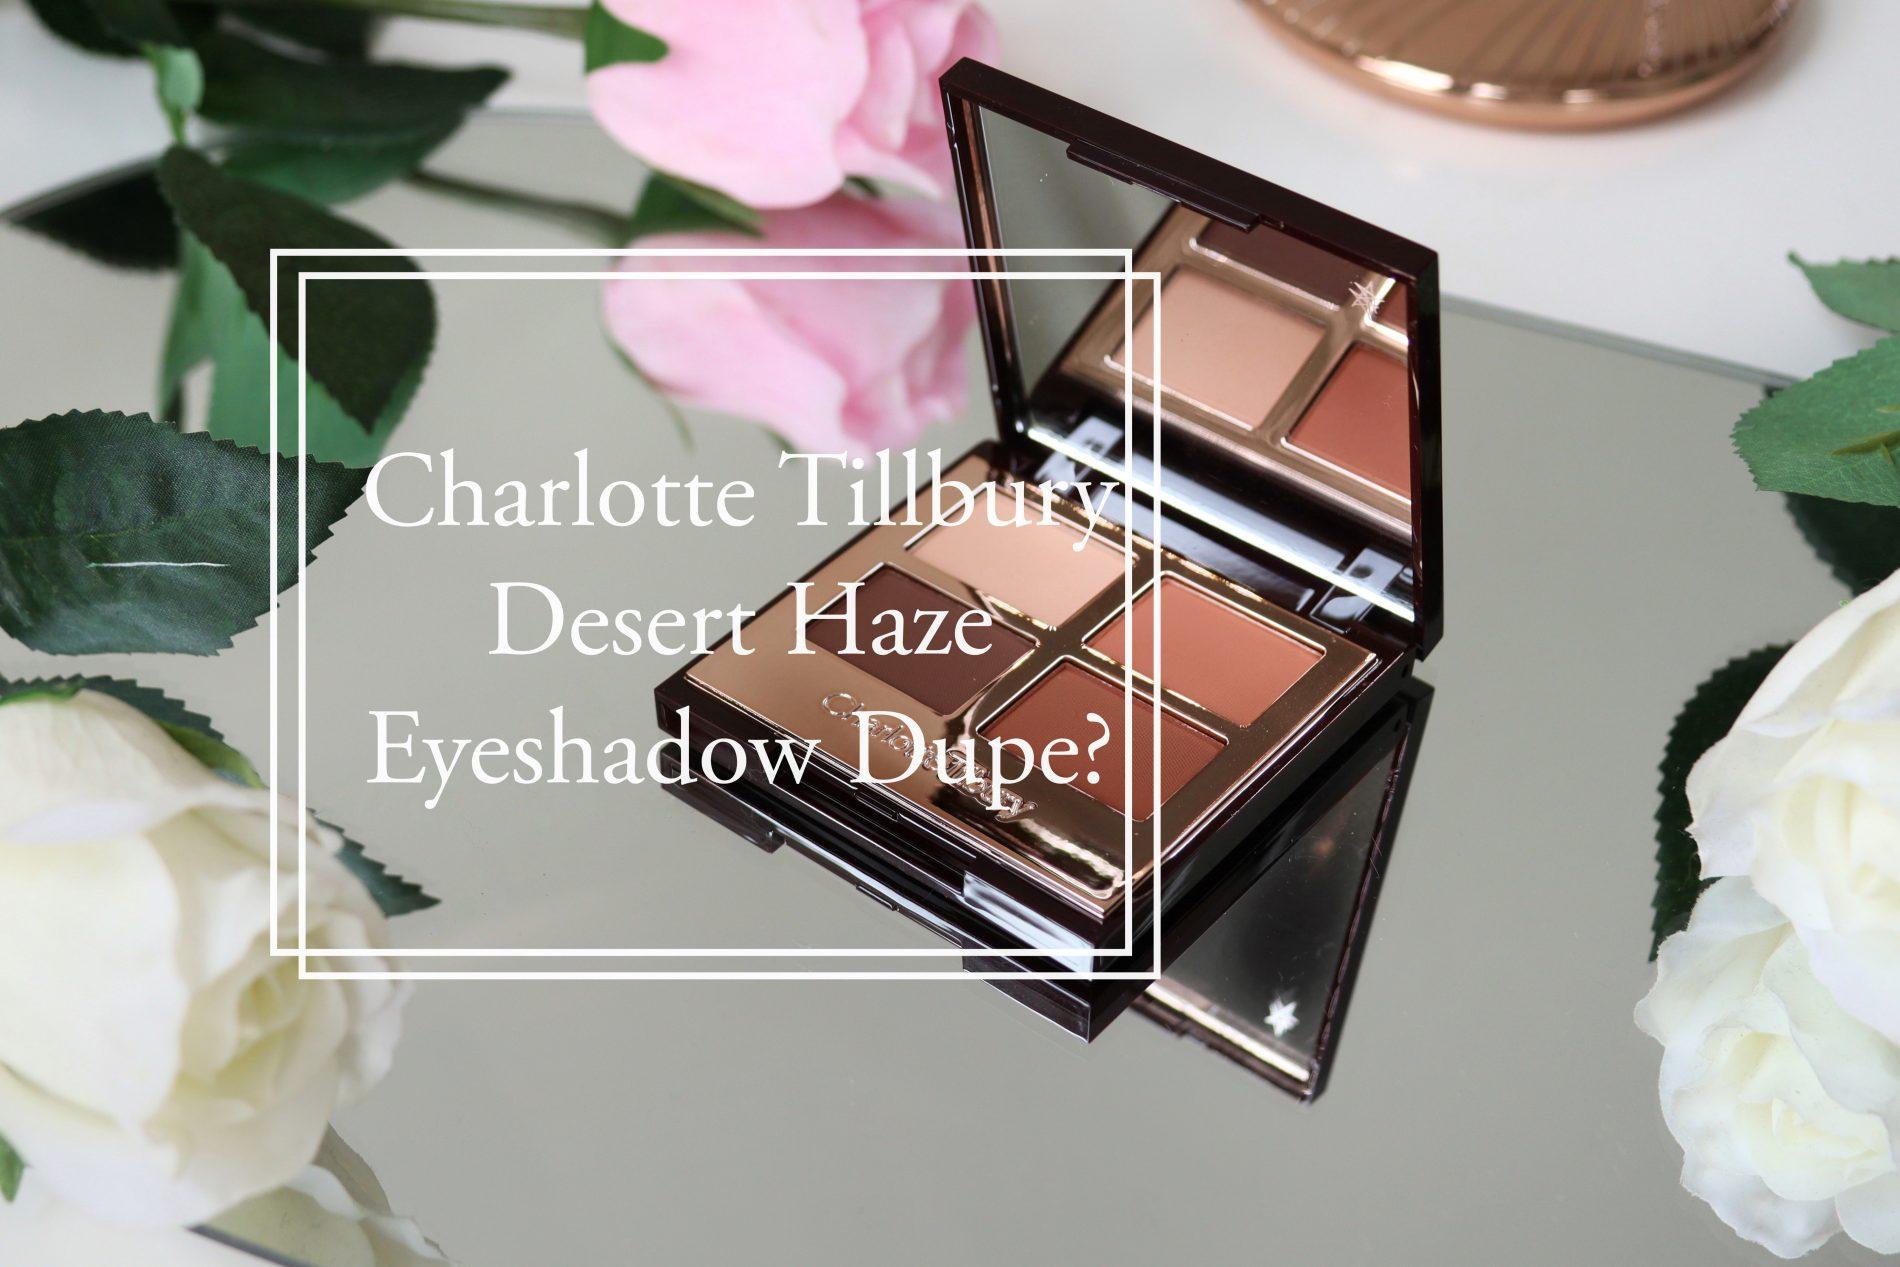 Charlotte Tilbury dupe for the desert haze eyeshadow palette